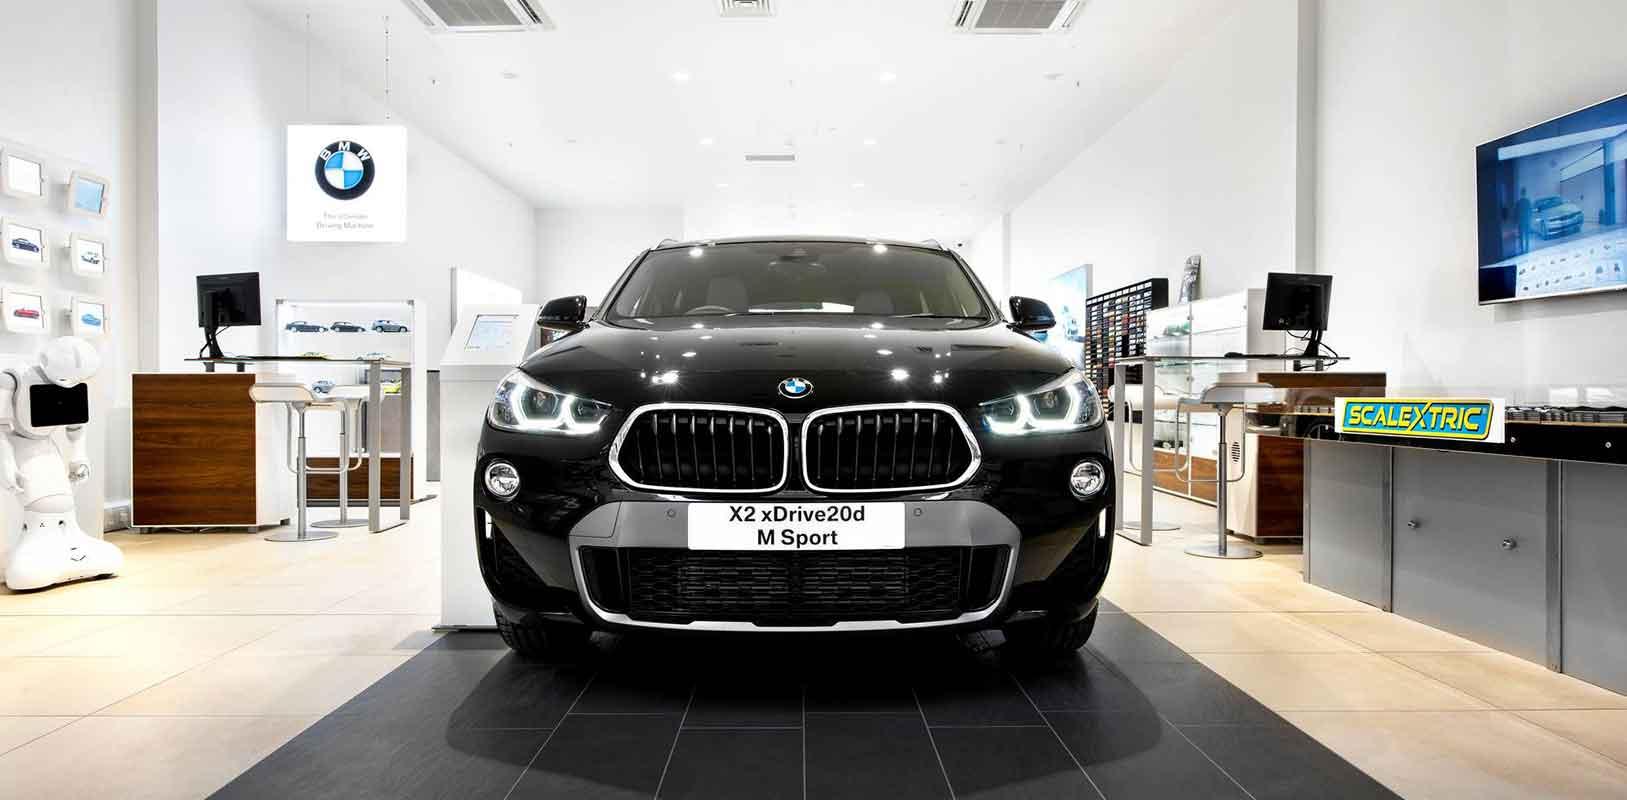 El nuevo concepto ofrece a las personas una nueva forma de comprar su próximo automóvil.